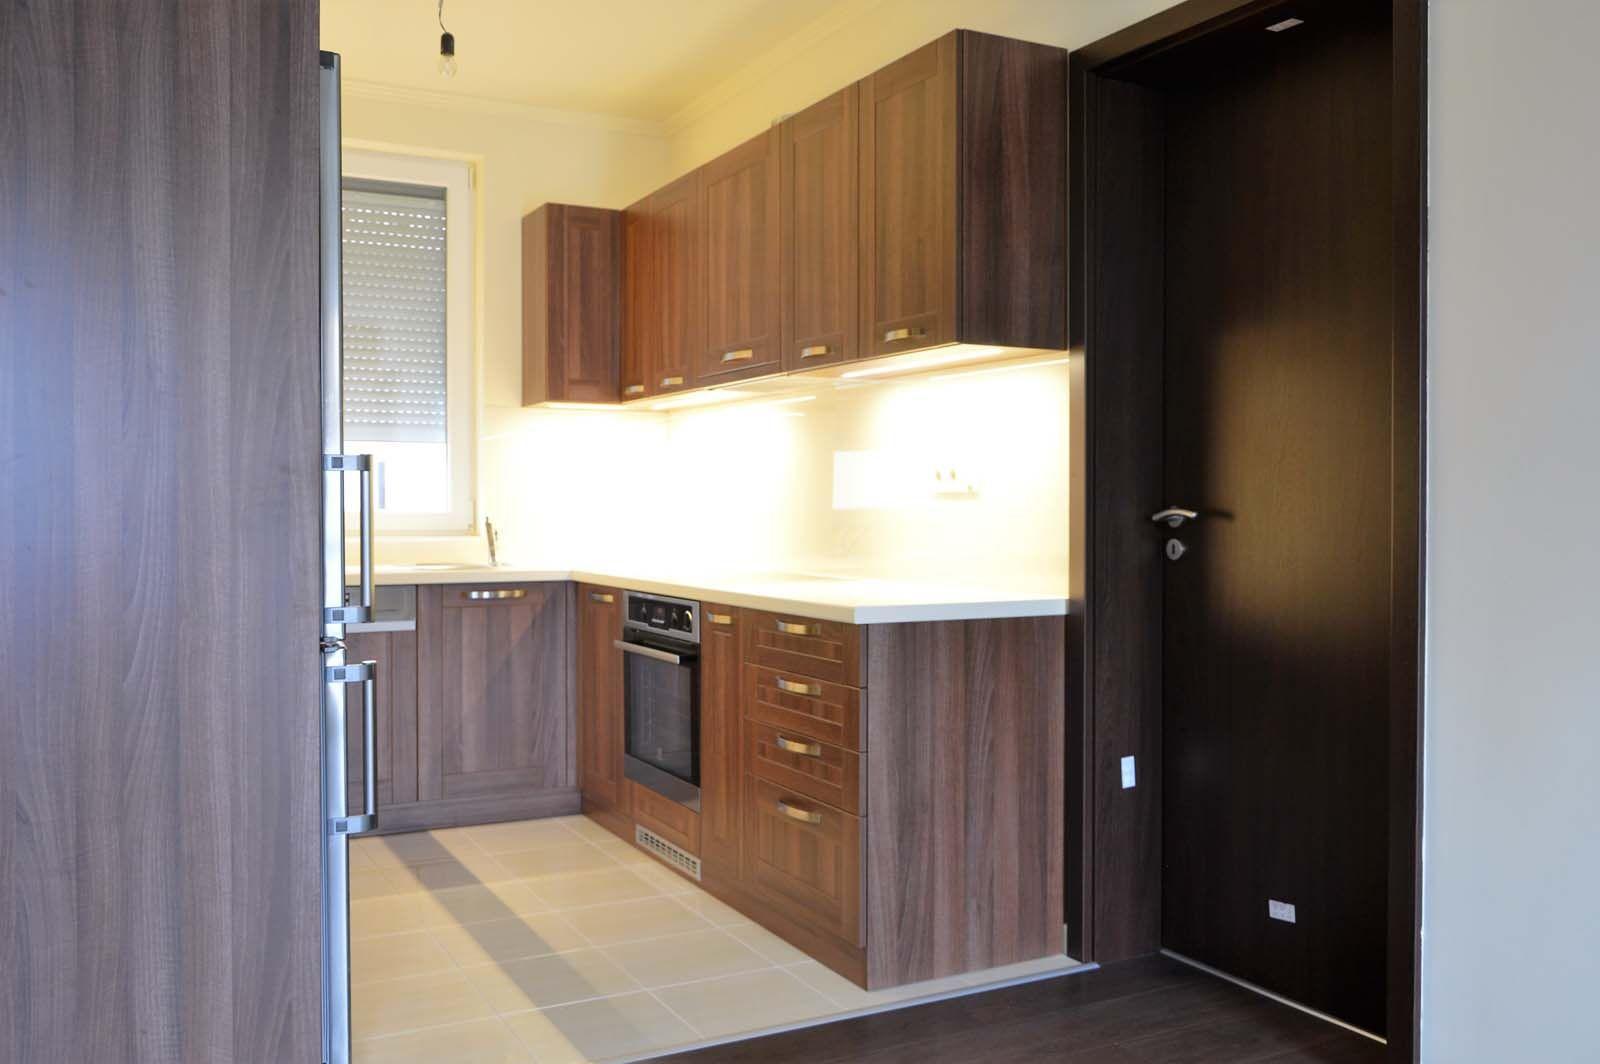 Egyedi konyhabútor készítés dió - bézs színben üveghátlappal, rejtett LED világítással